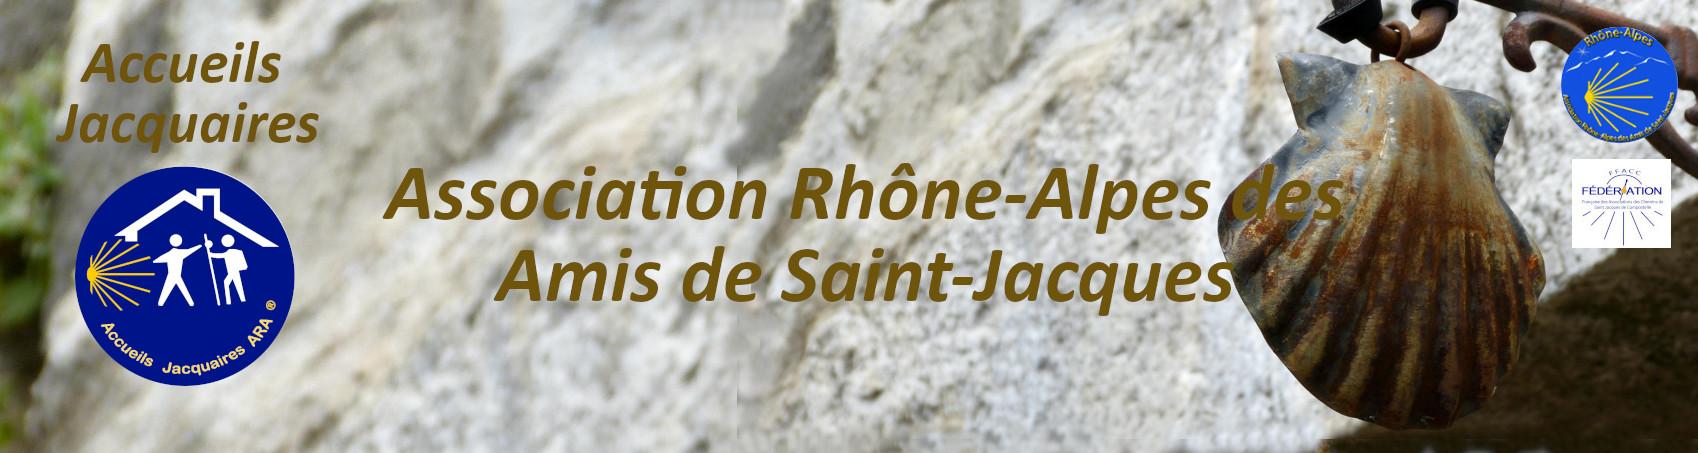 Commission Accueils Jacquaires